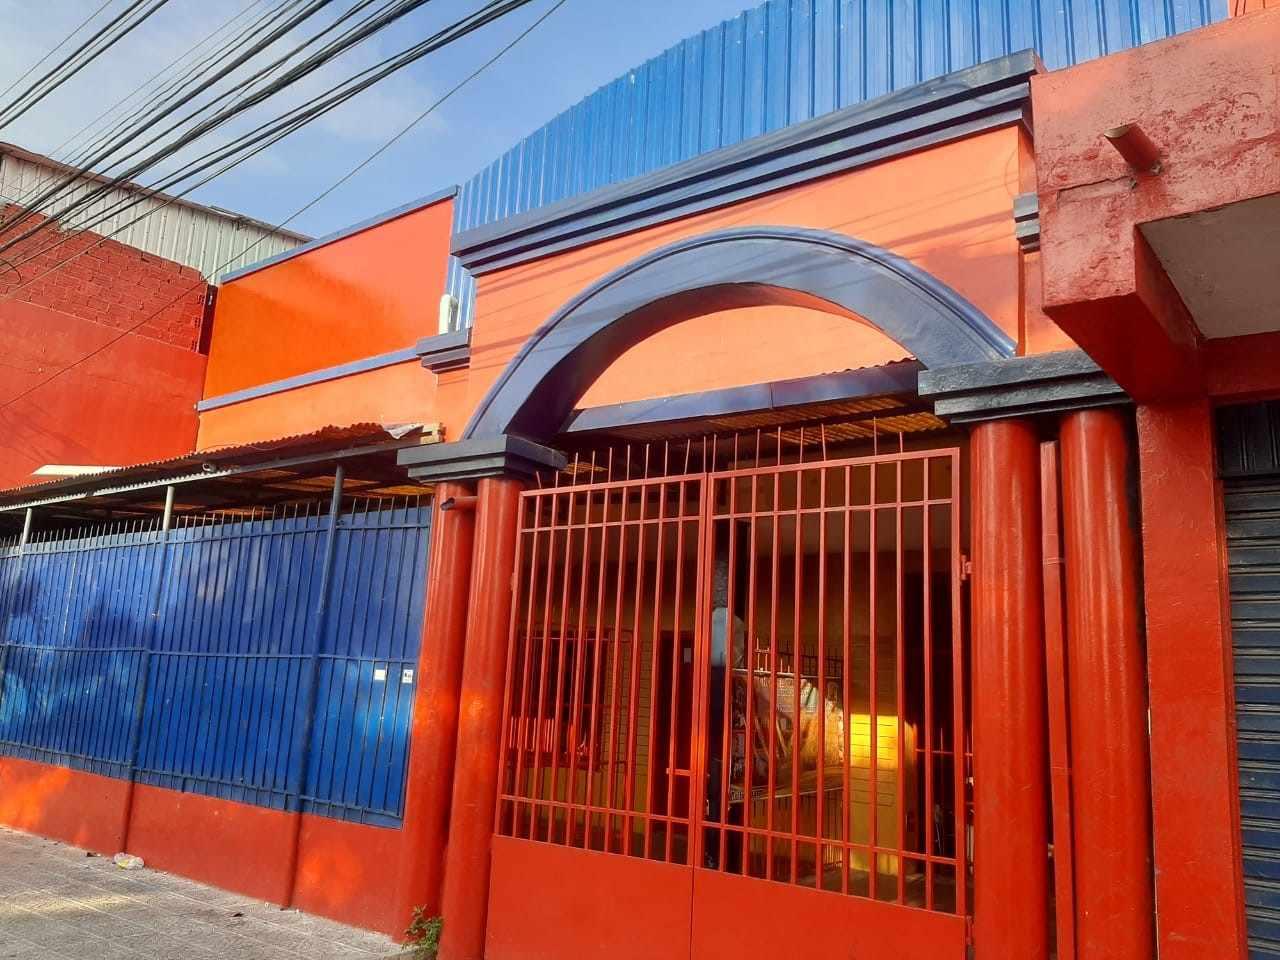 Local comercial en Venta 1ER ANILLO OMAR CHAVEZ DIAGONAL A LA RAMADA  Foto 1